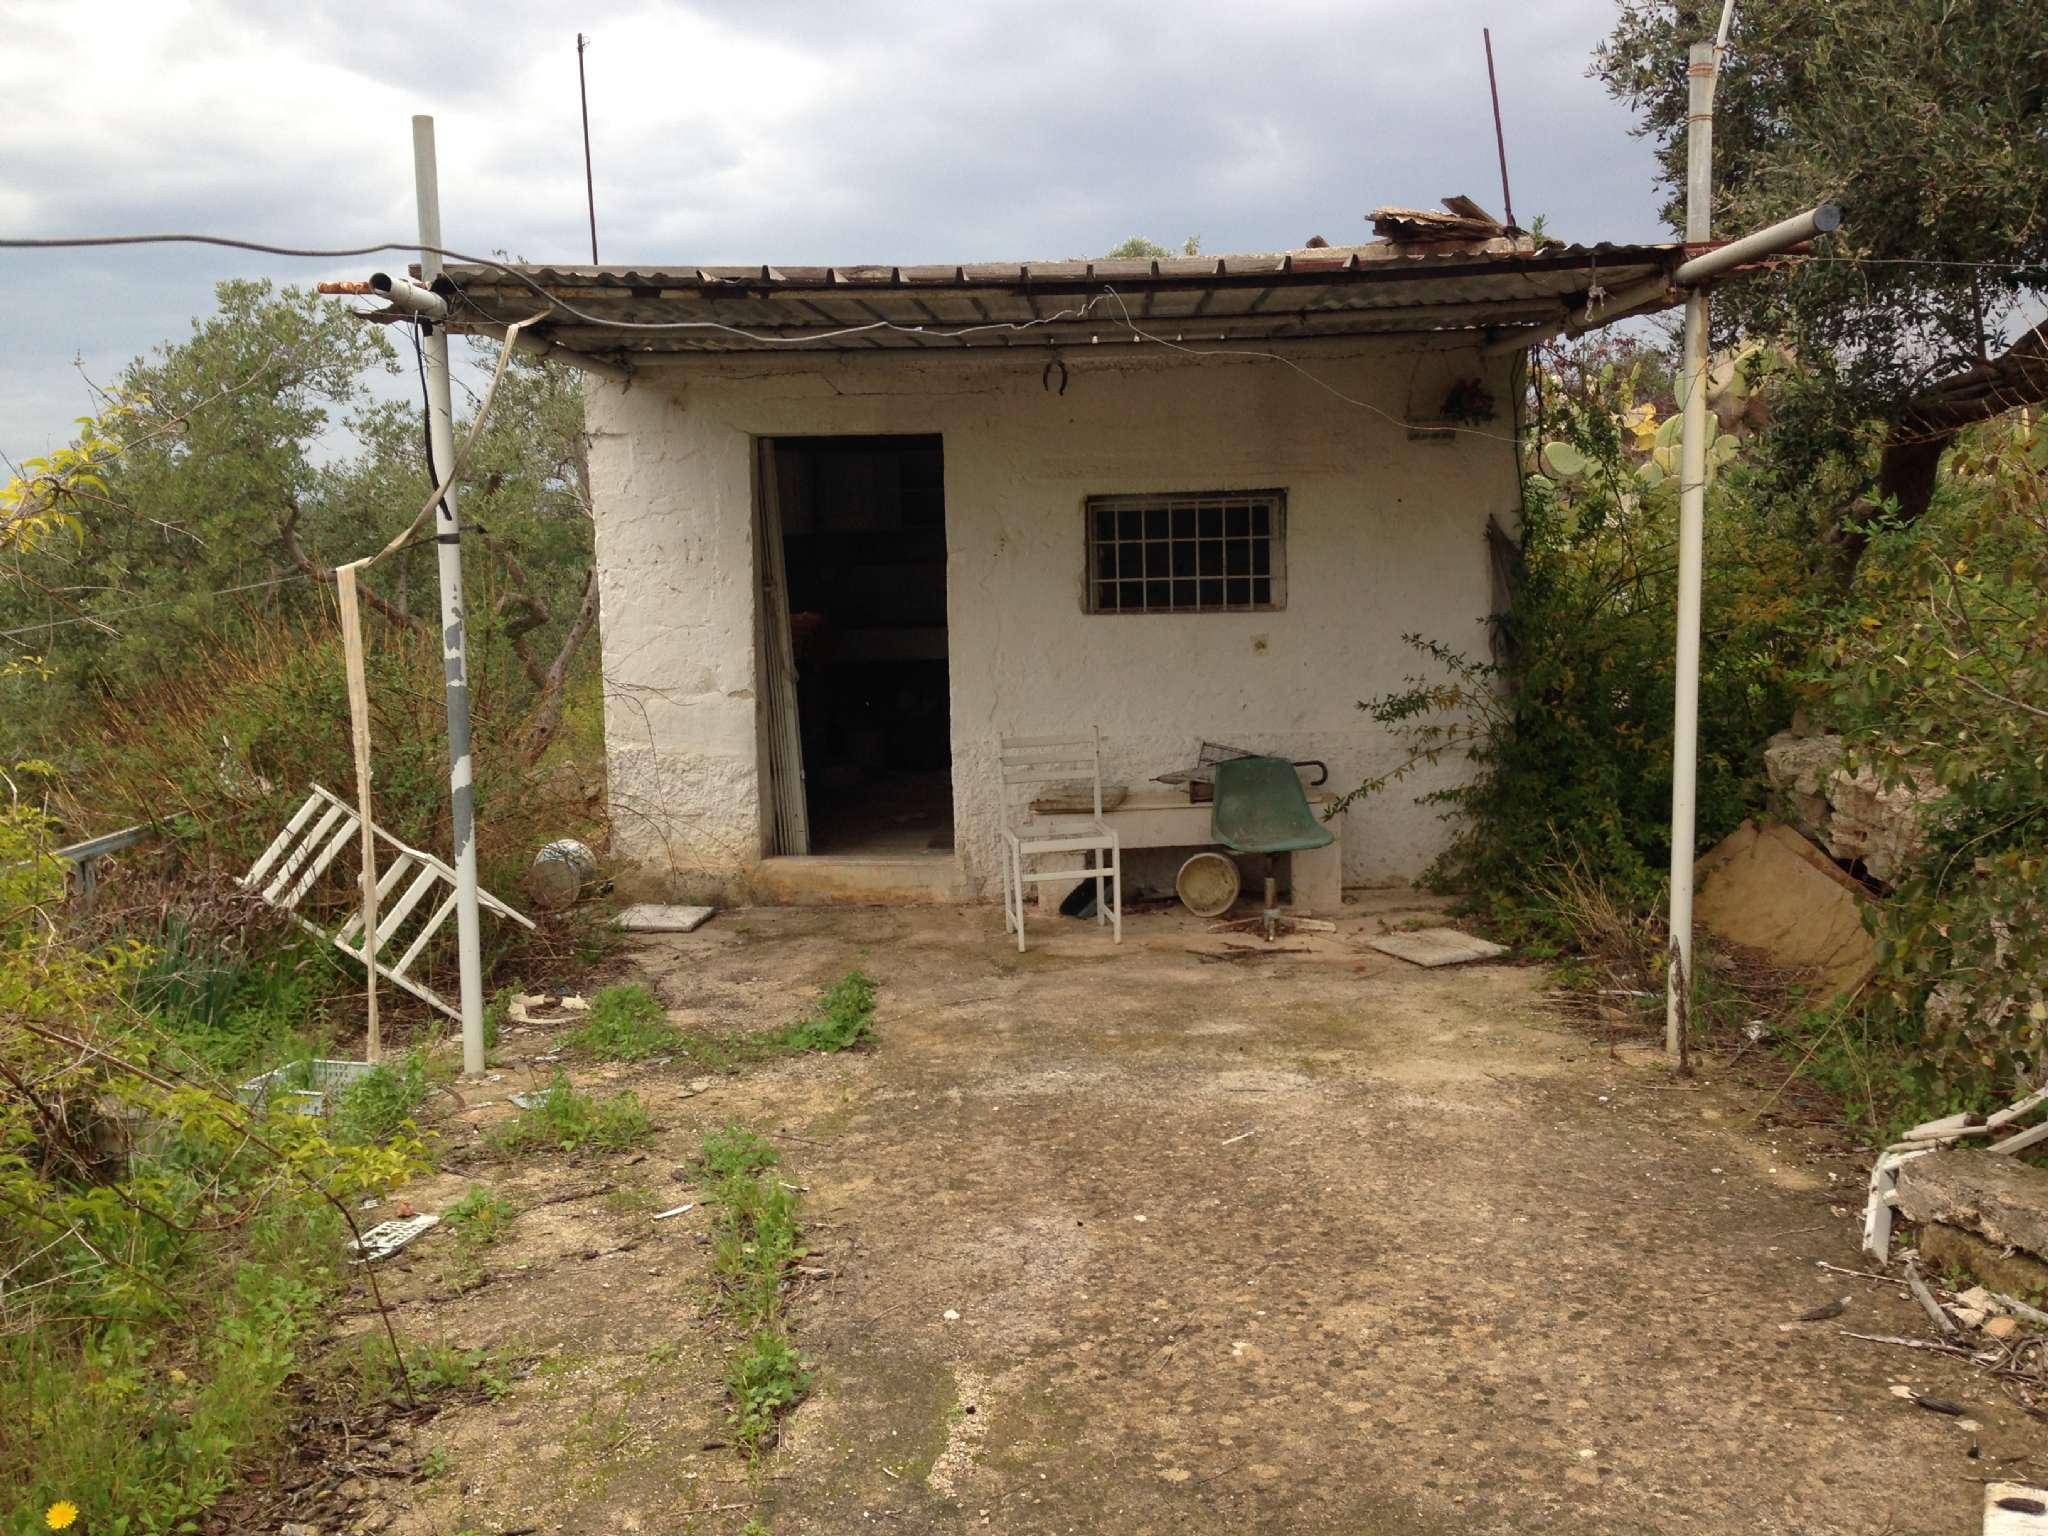 Terreno Agricolo in vendita a Bitonto, 9999 locali, prezzo € 5.500 | CambioCasa.it